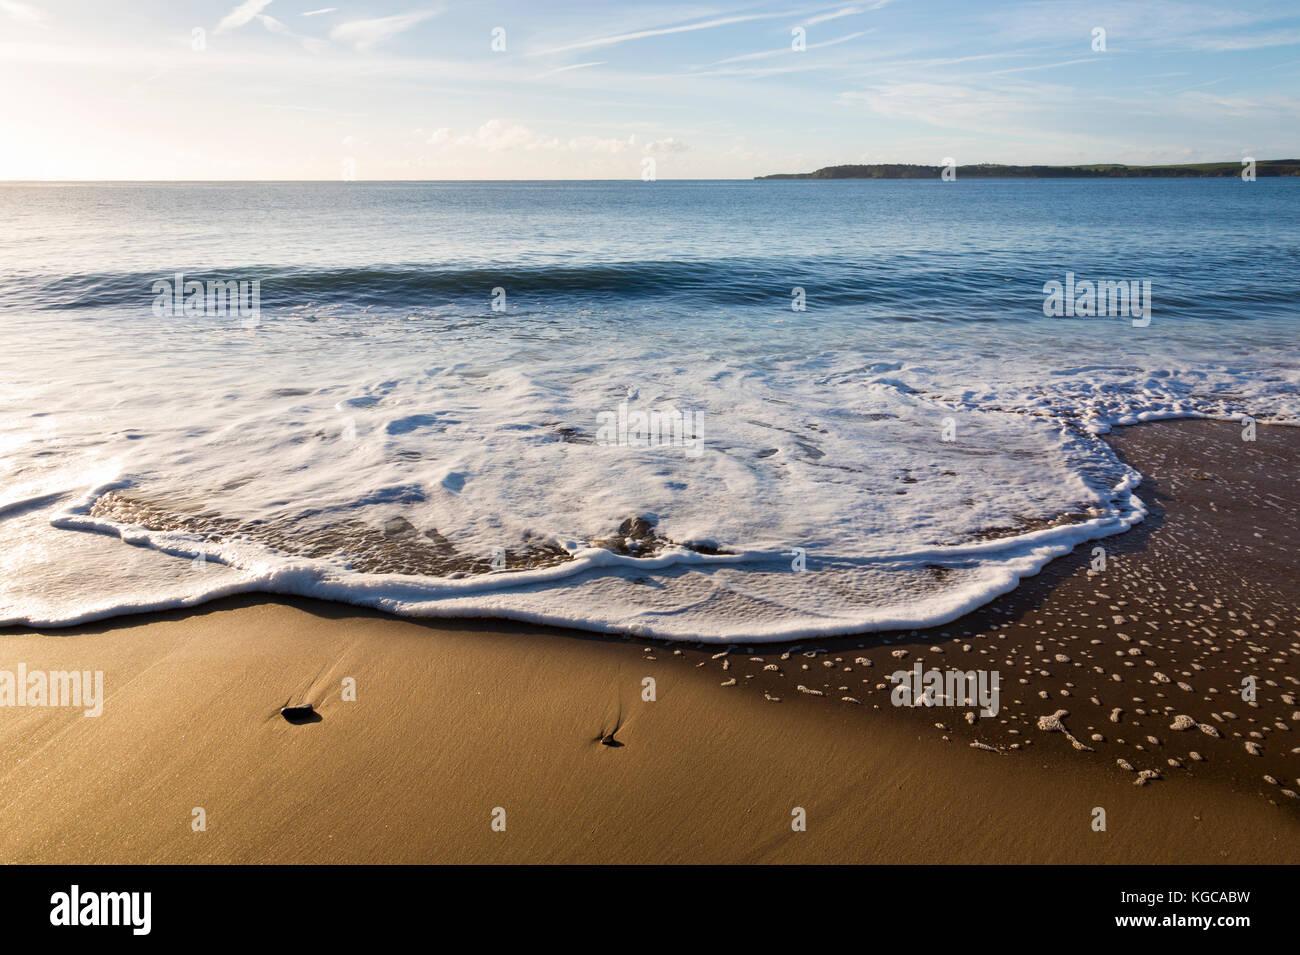 Surf douce se brisant sur tenby's South Beach, dans le sud du Pays de Galles, Royaume-Uni Photo Stock